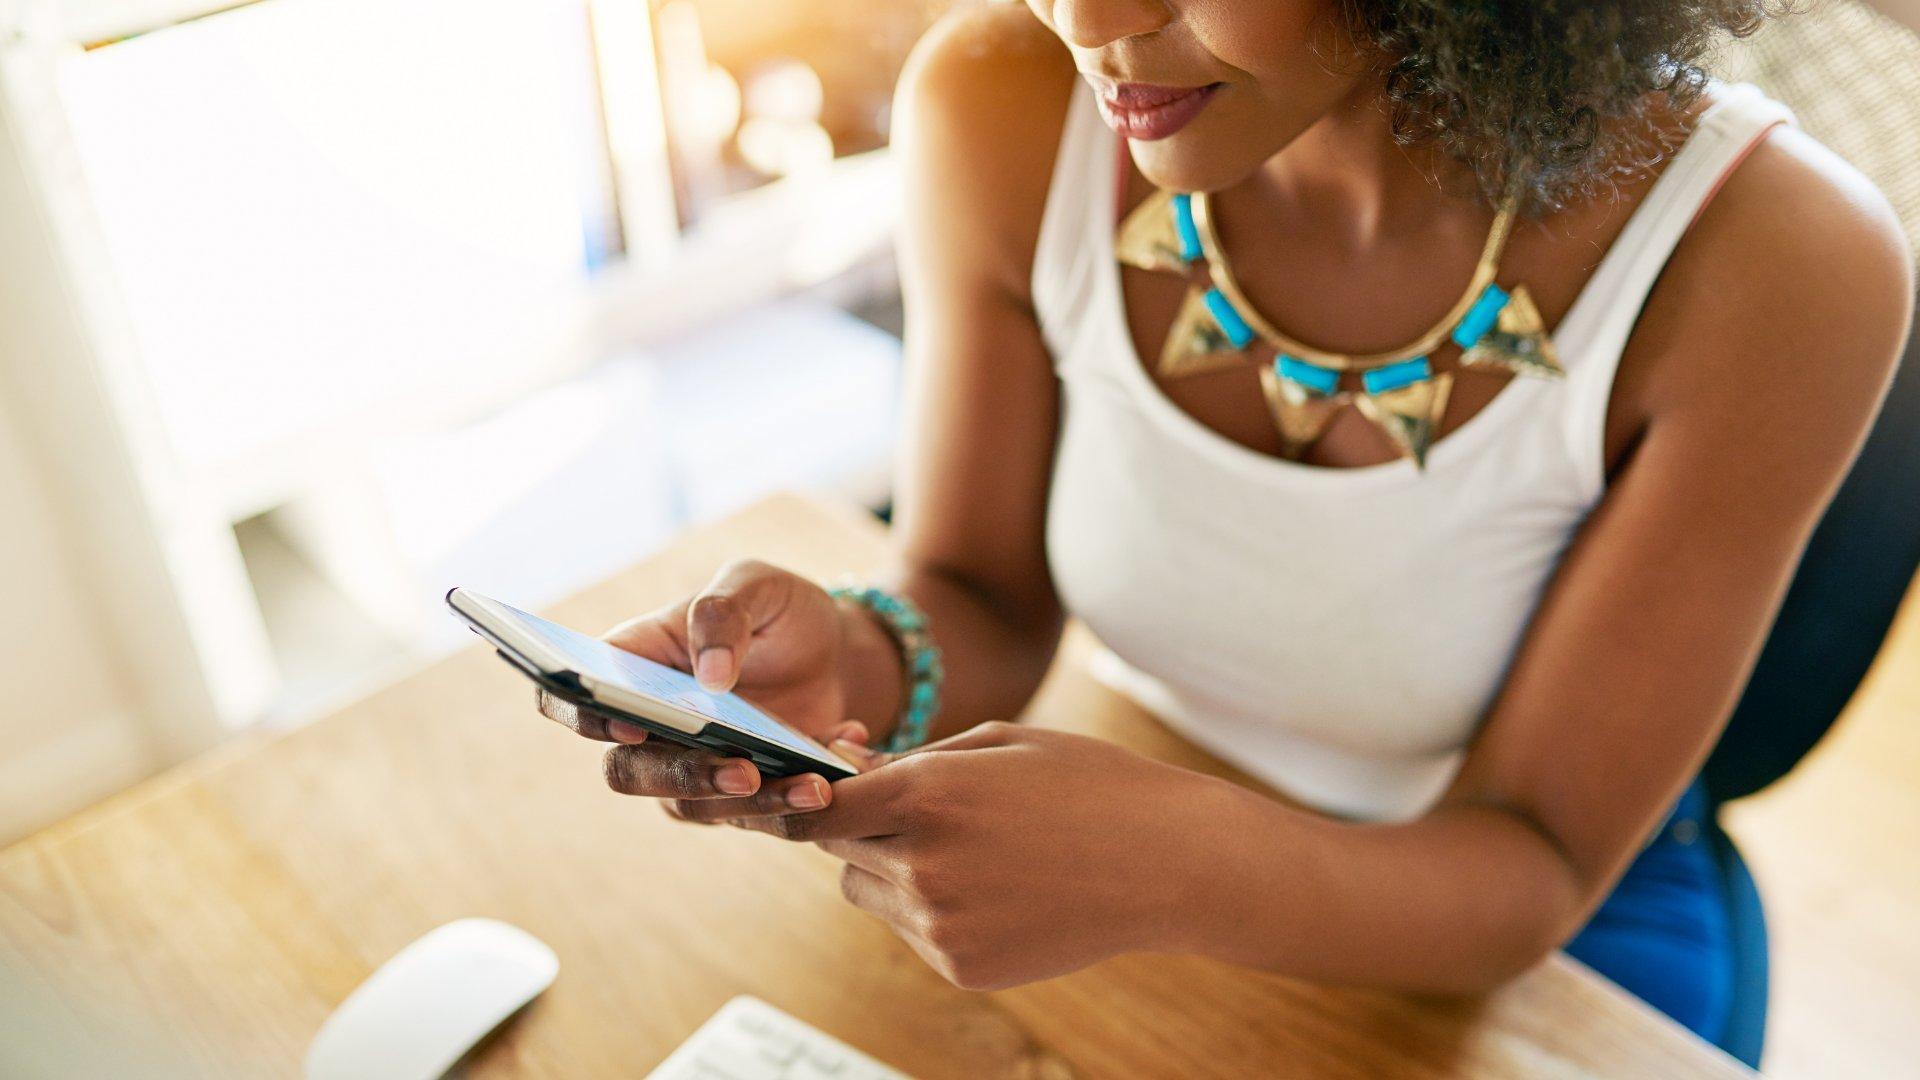 Mulher sentada olhando para o celular